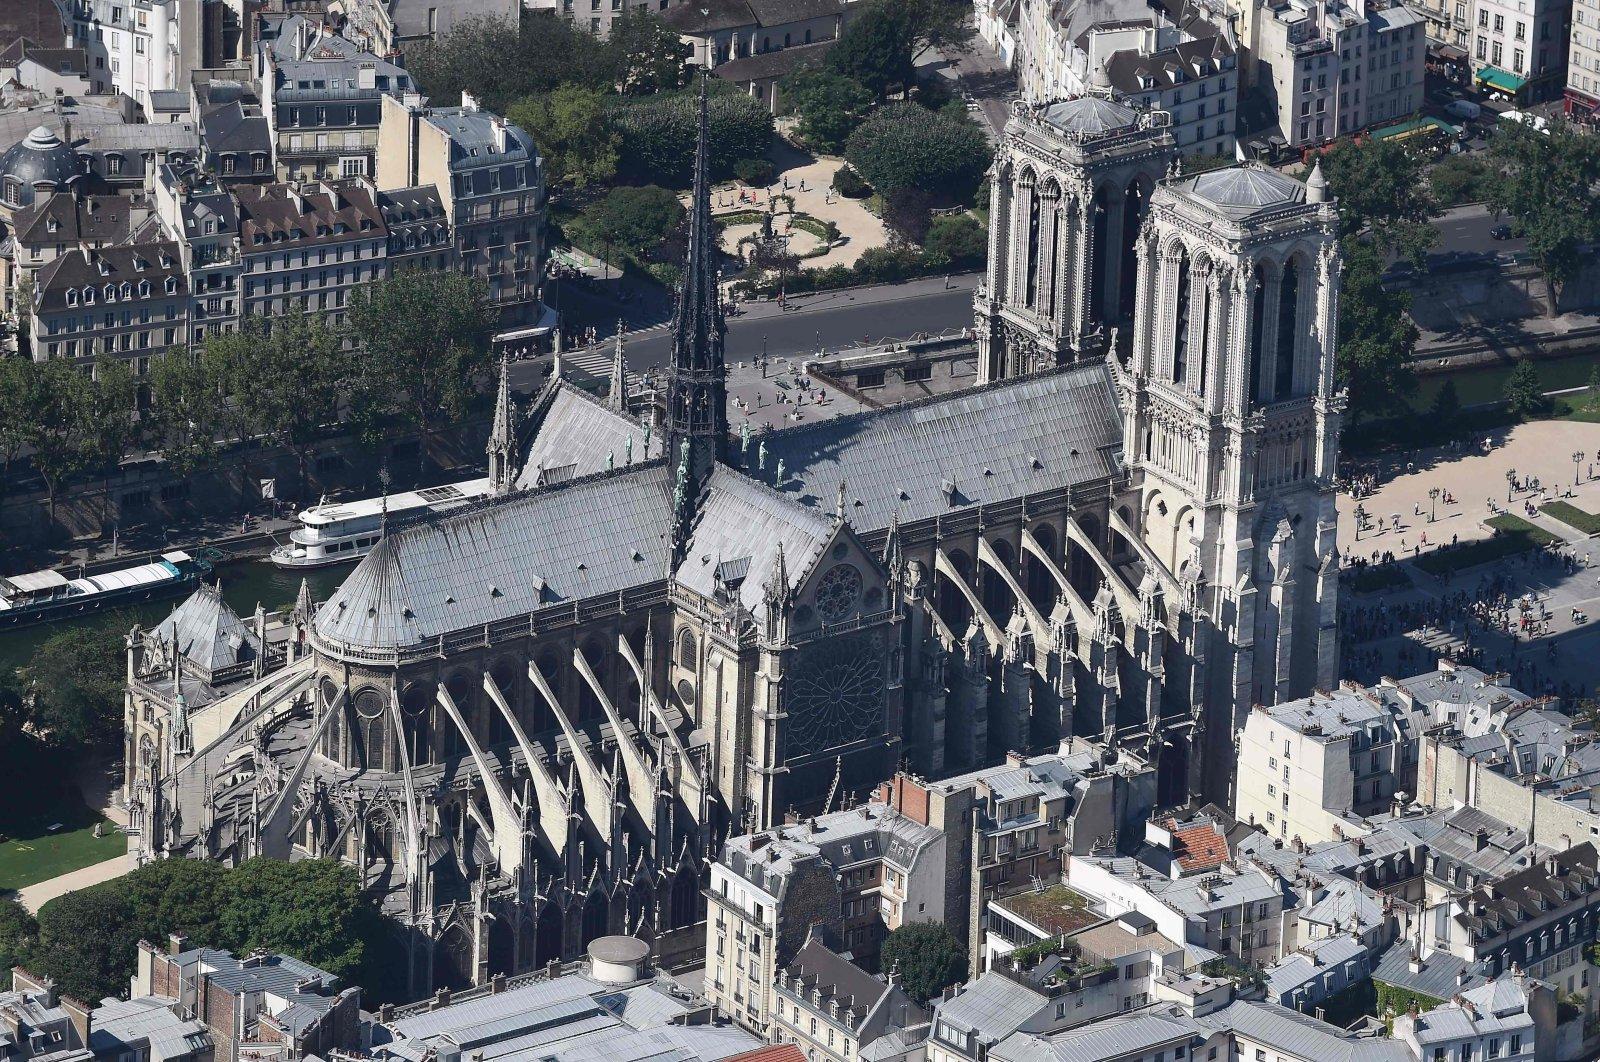 The Notre-Dame Cathedral on the Ile de la Cite, Paris, France on July 14, 2017. (AFP Photo)